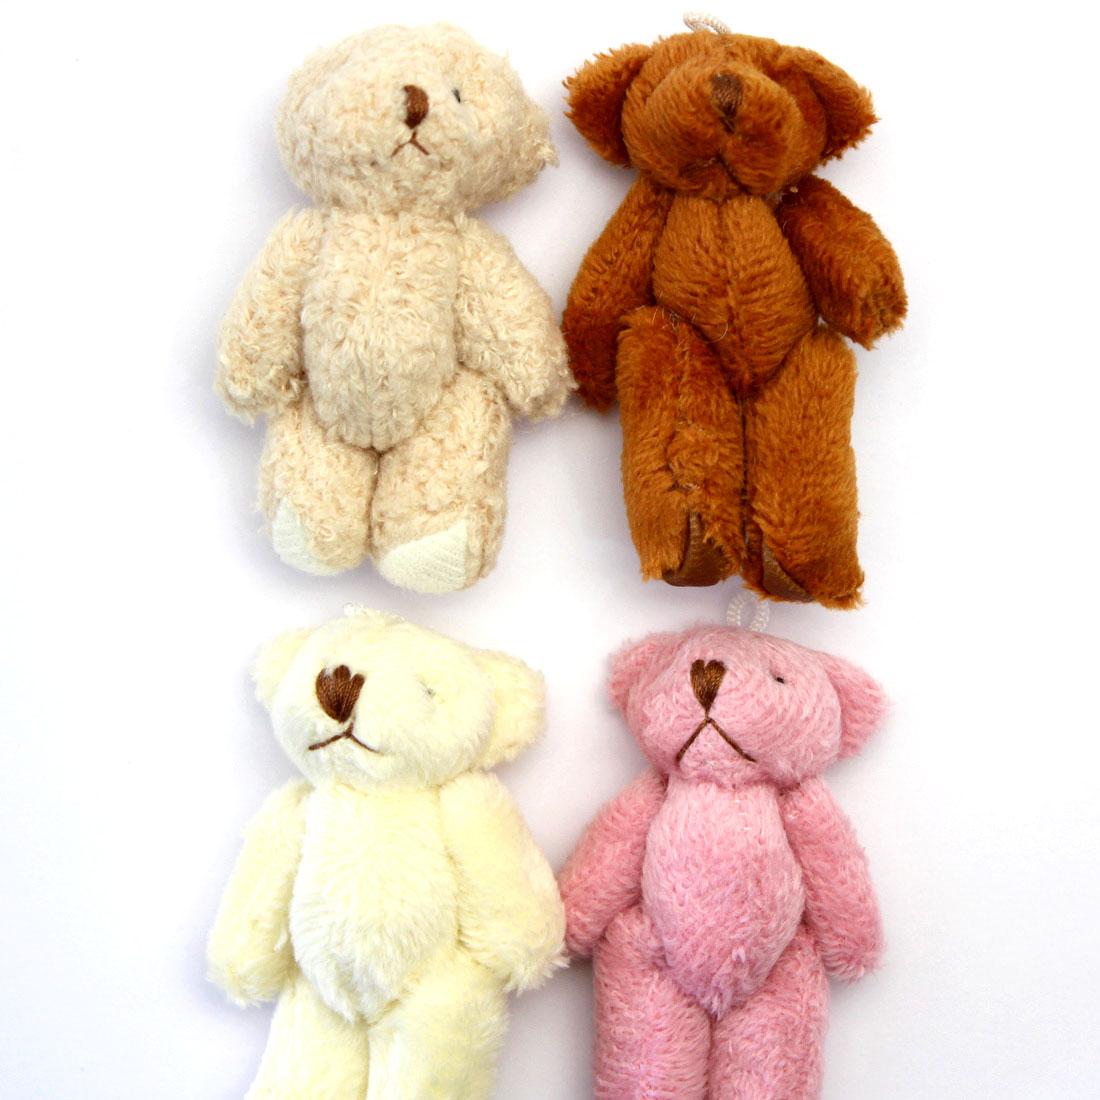 くまのぬいぐるみ 1個 [4色から選択][体長約6cm, ループ紐付き]sgy-1480-abcd(キーホルダー ストラップ パーツ, かわいい くま クマ 熊 ベアー ぬいぐるみ ミニくま ベージュ ブラウン オフホワイト ピンク)